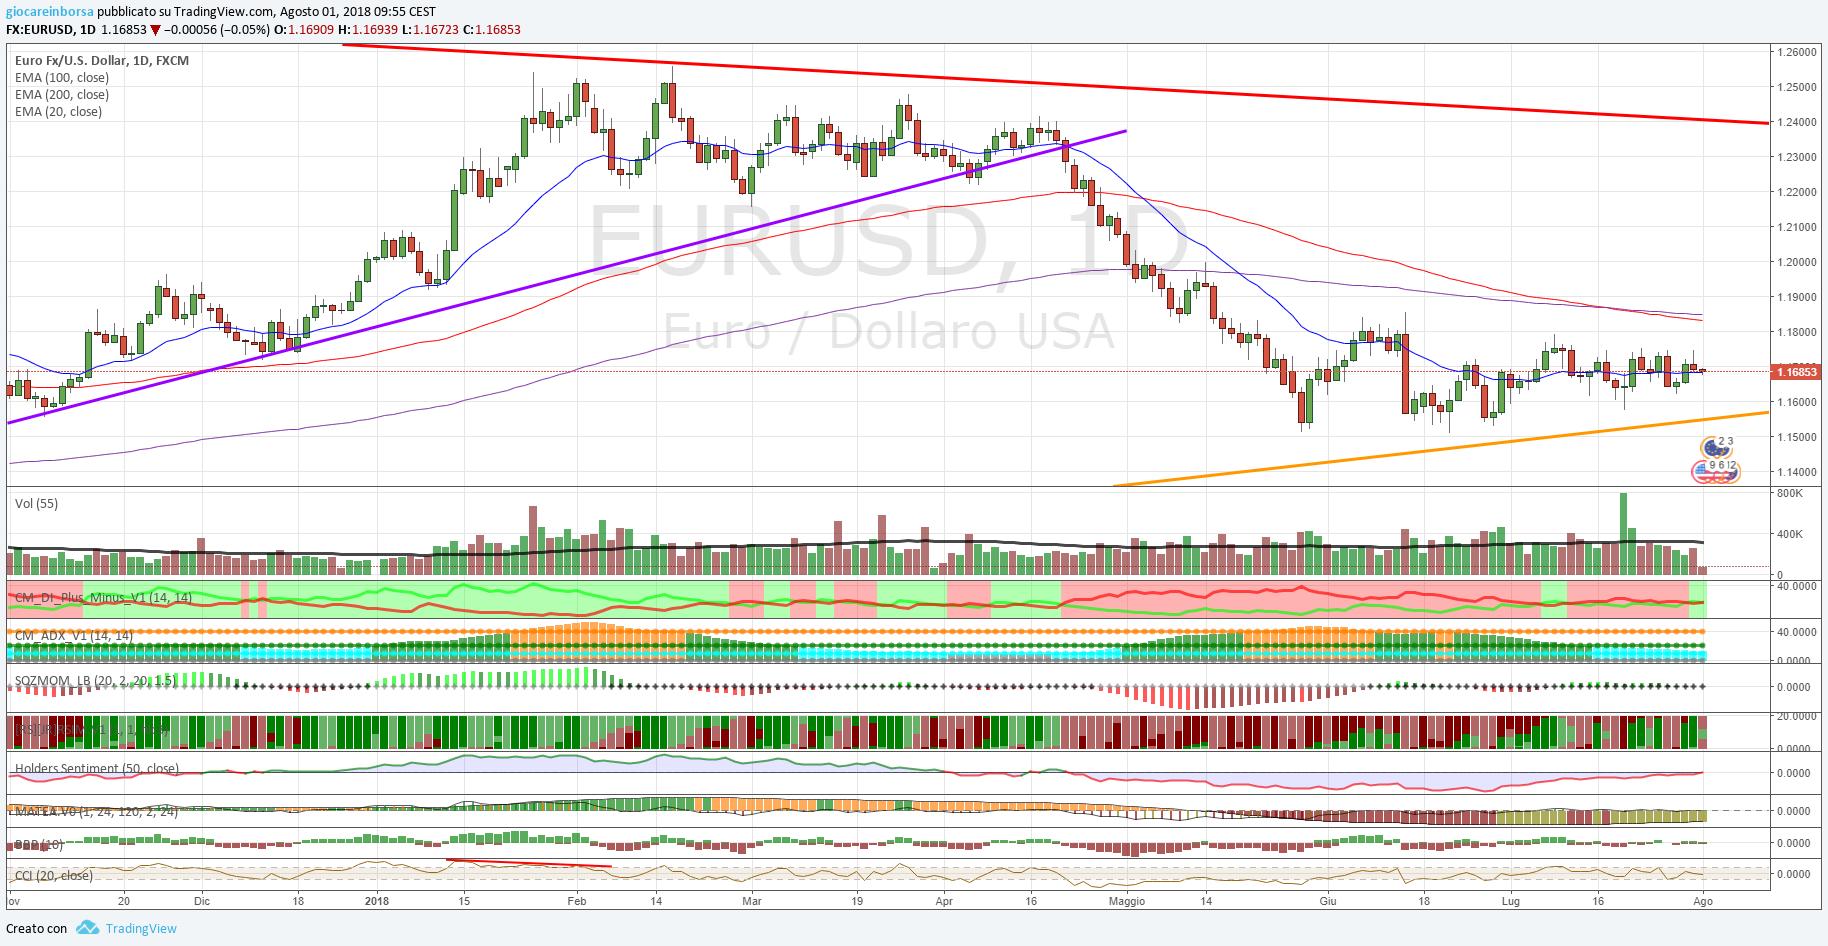 Cambio Euro Dollaro, analisi tecnica al 01 agosto 2018